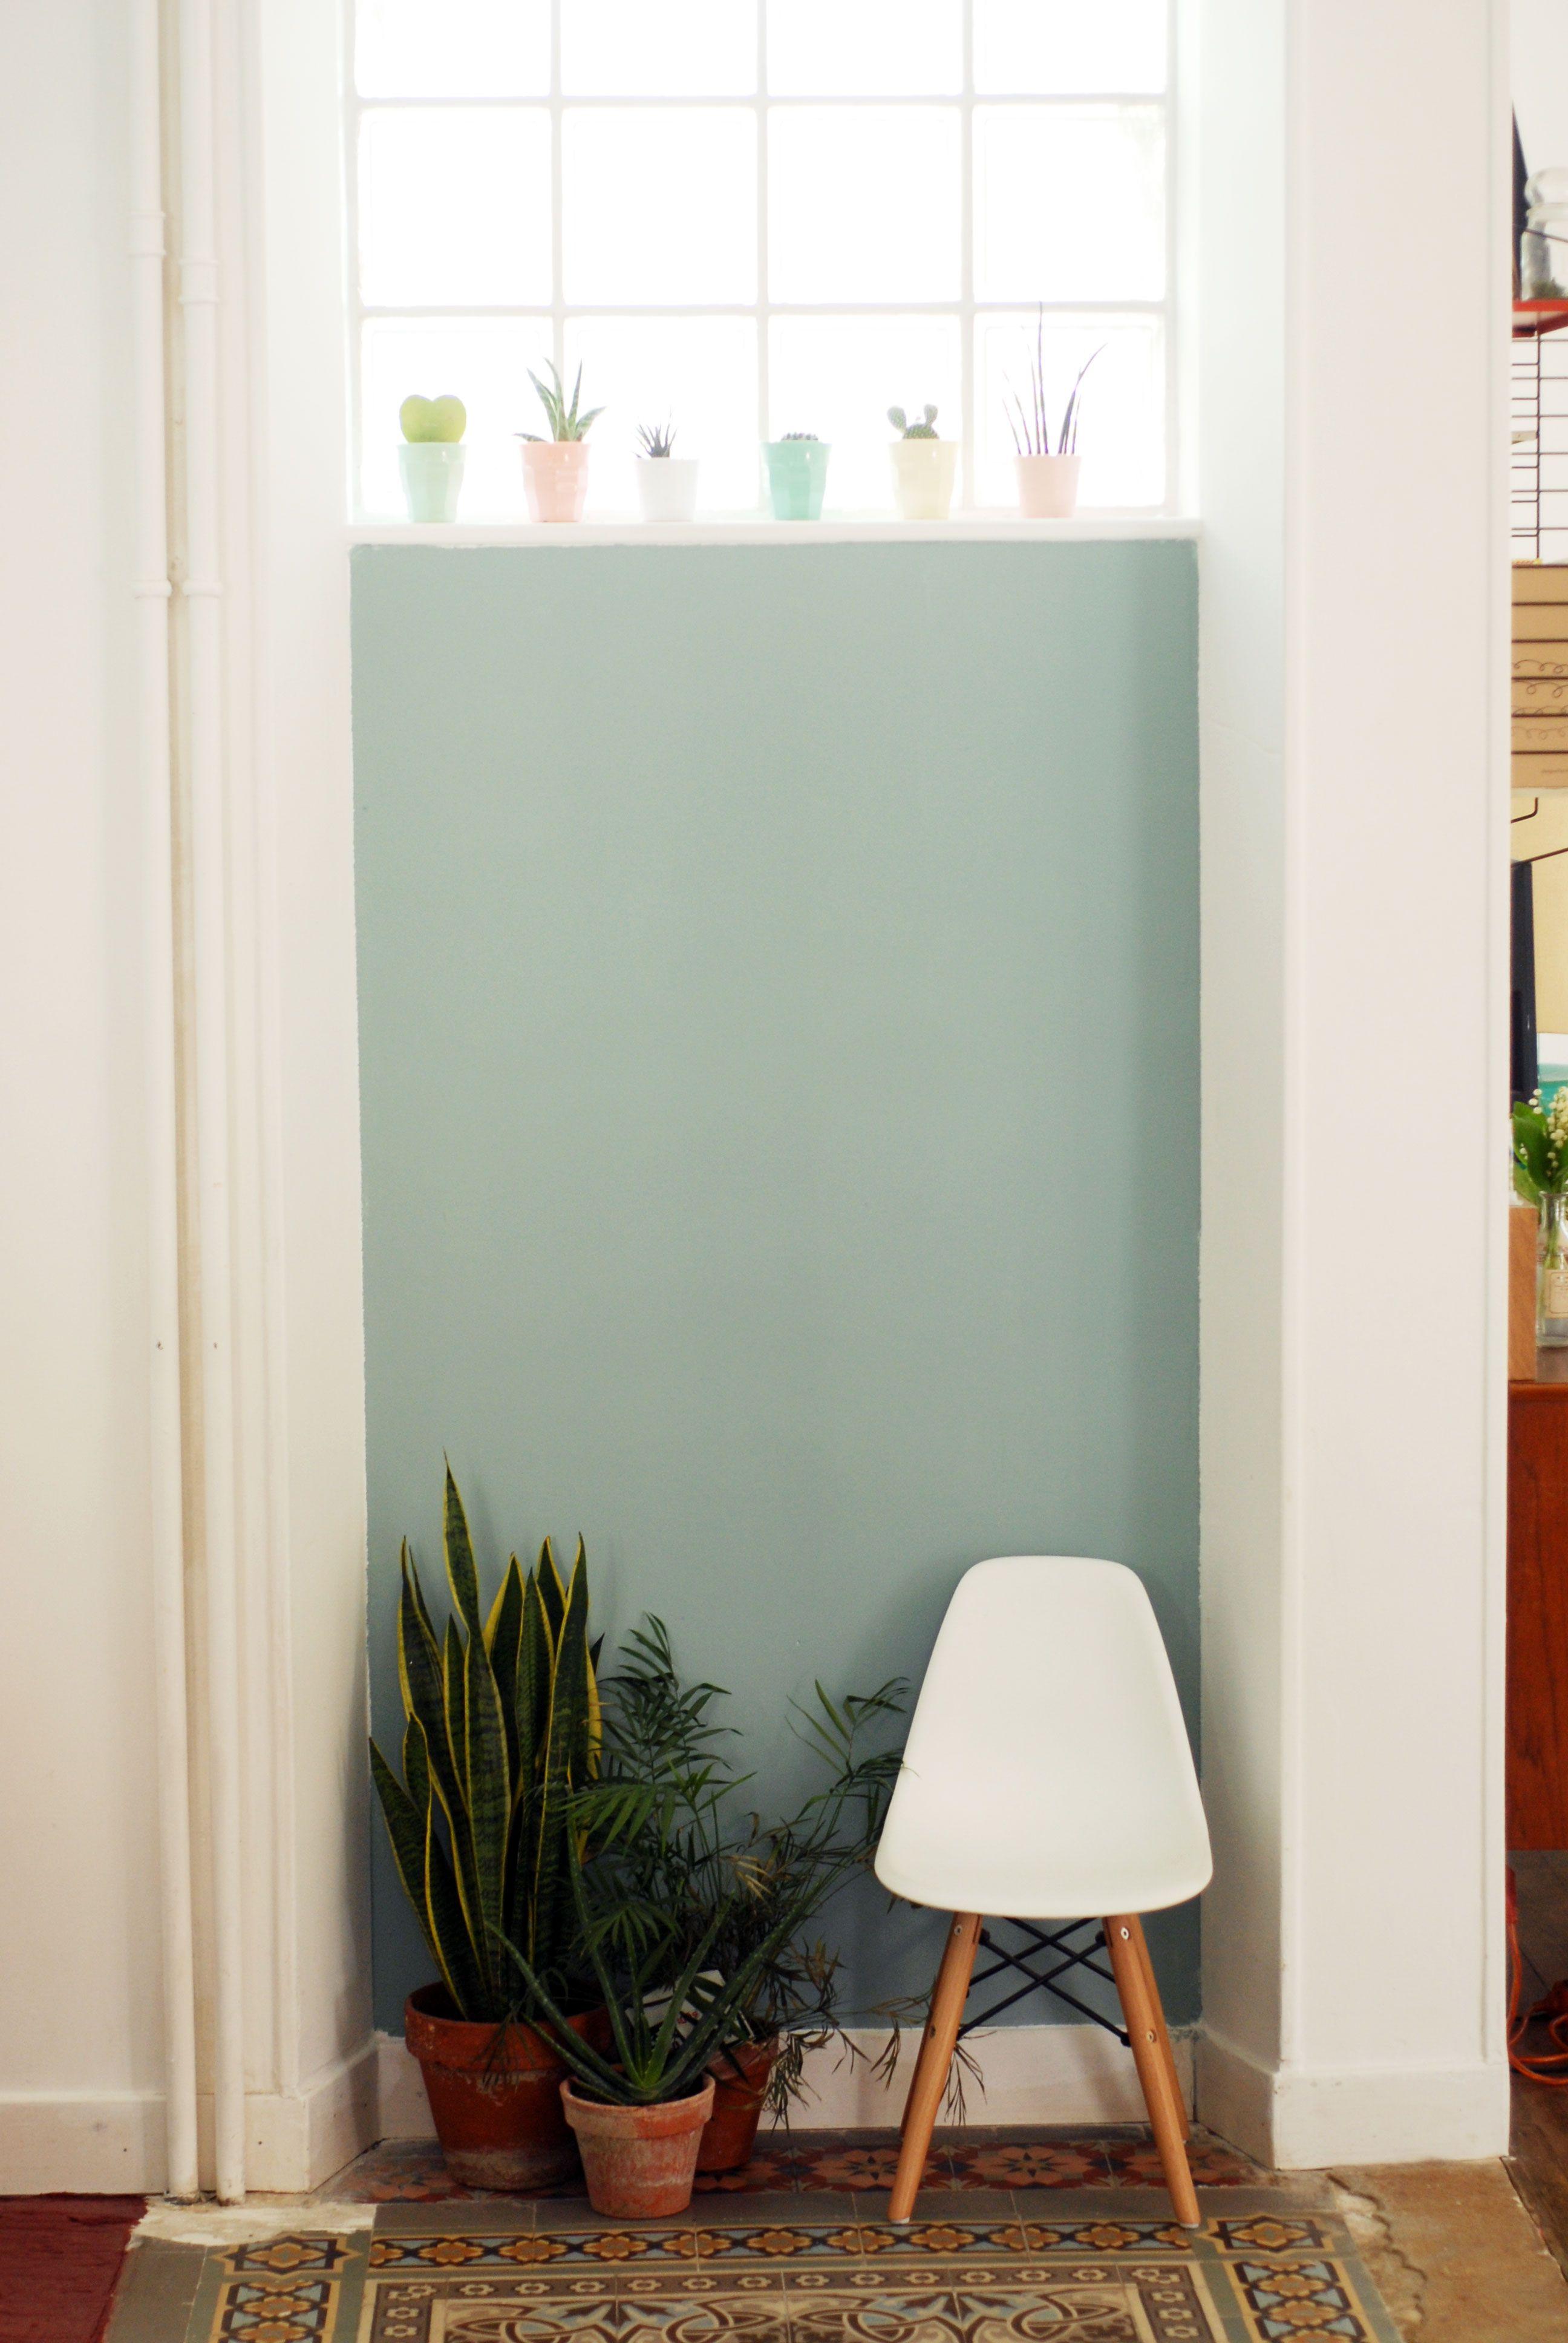 kreative wohnideen zum nachmachen und inspirieren | nizza ... - Wohnideen Korridor Farbe